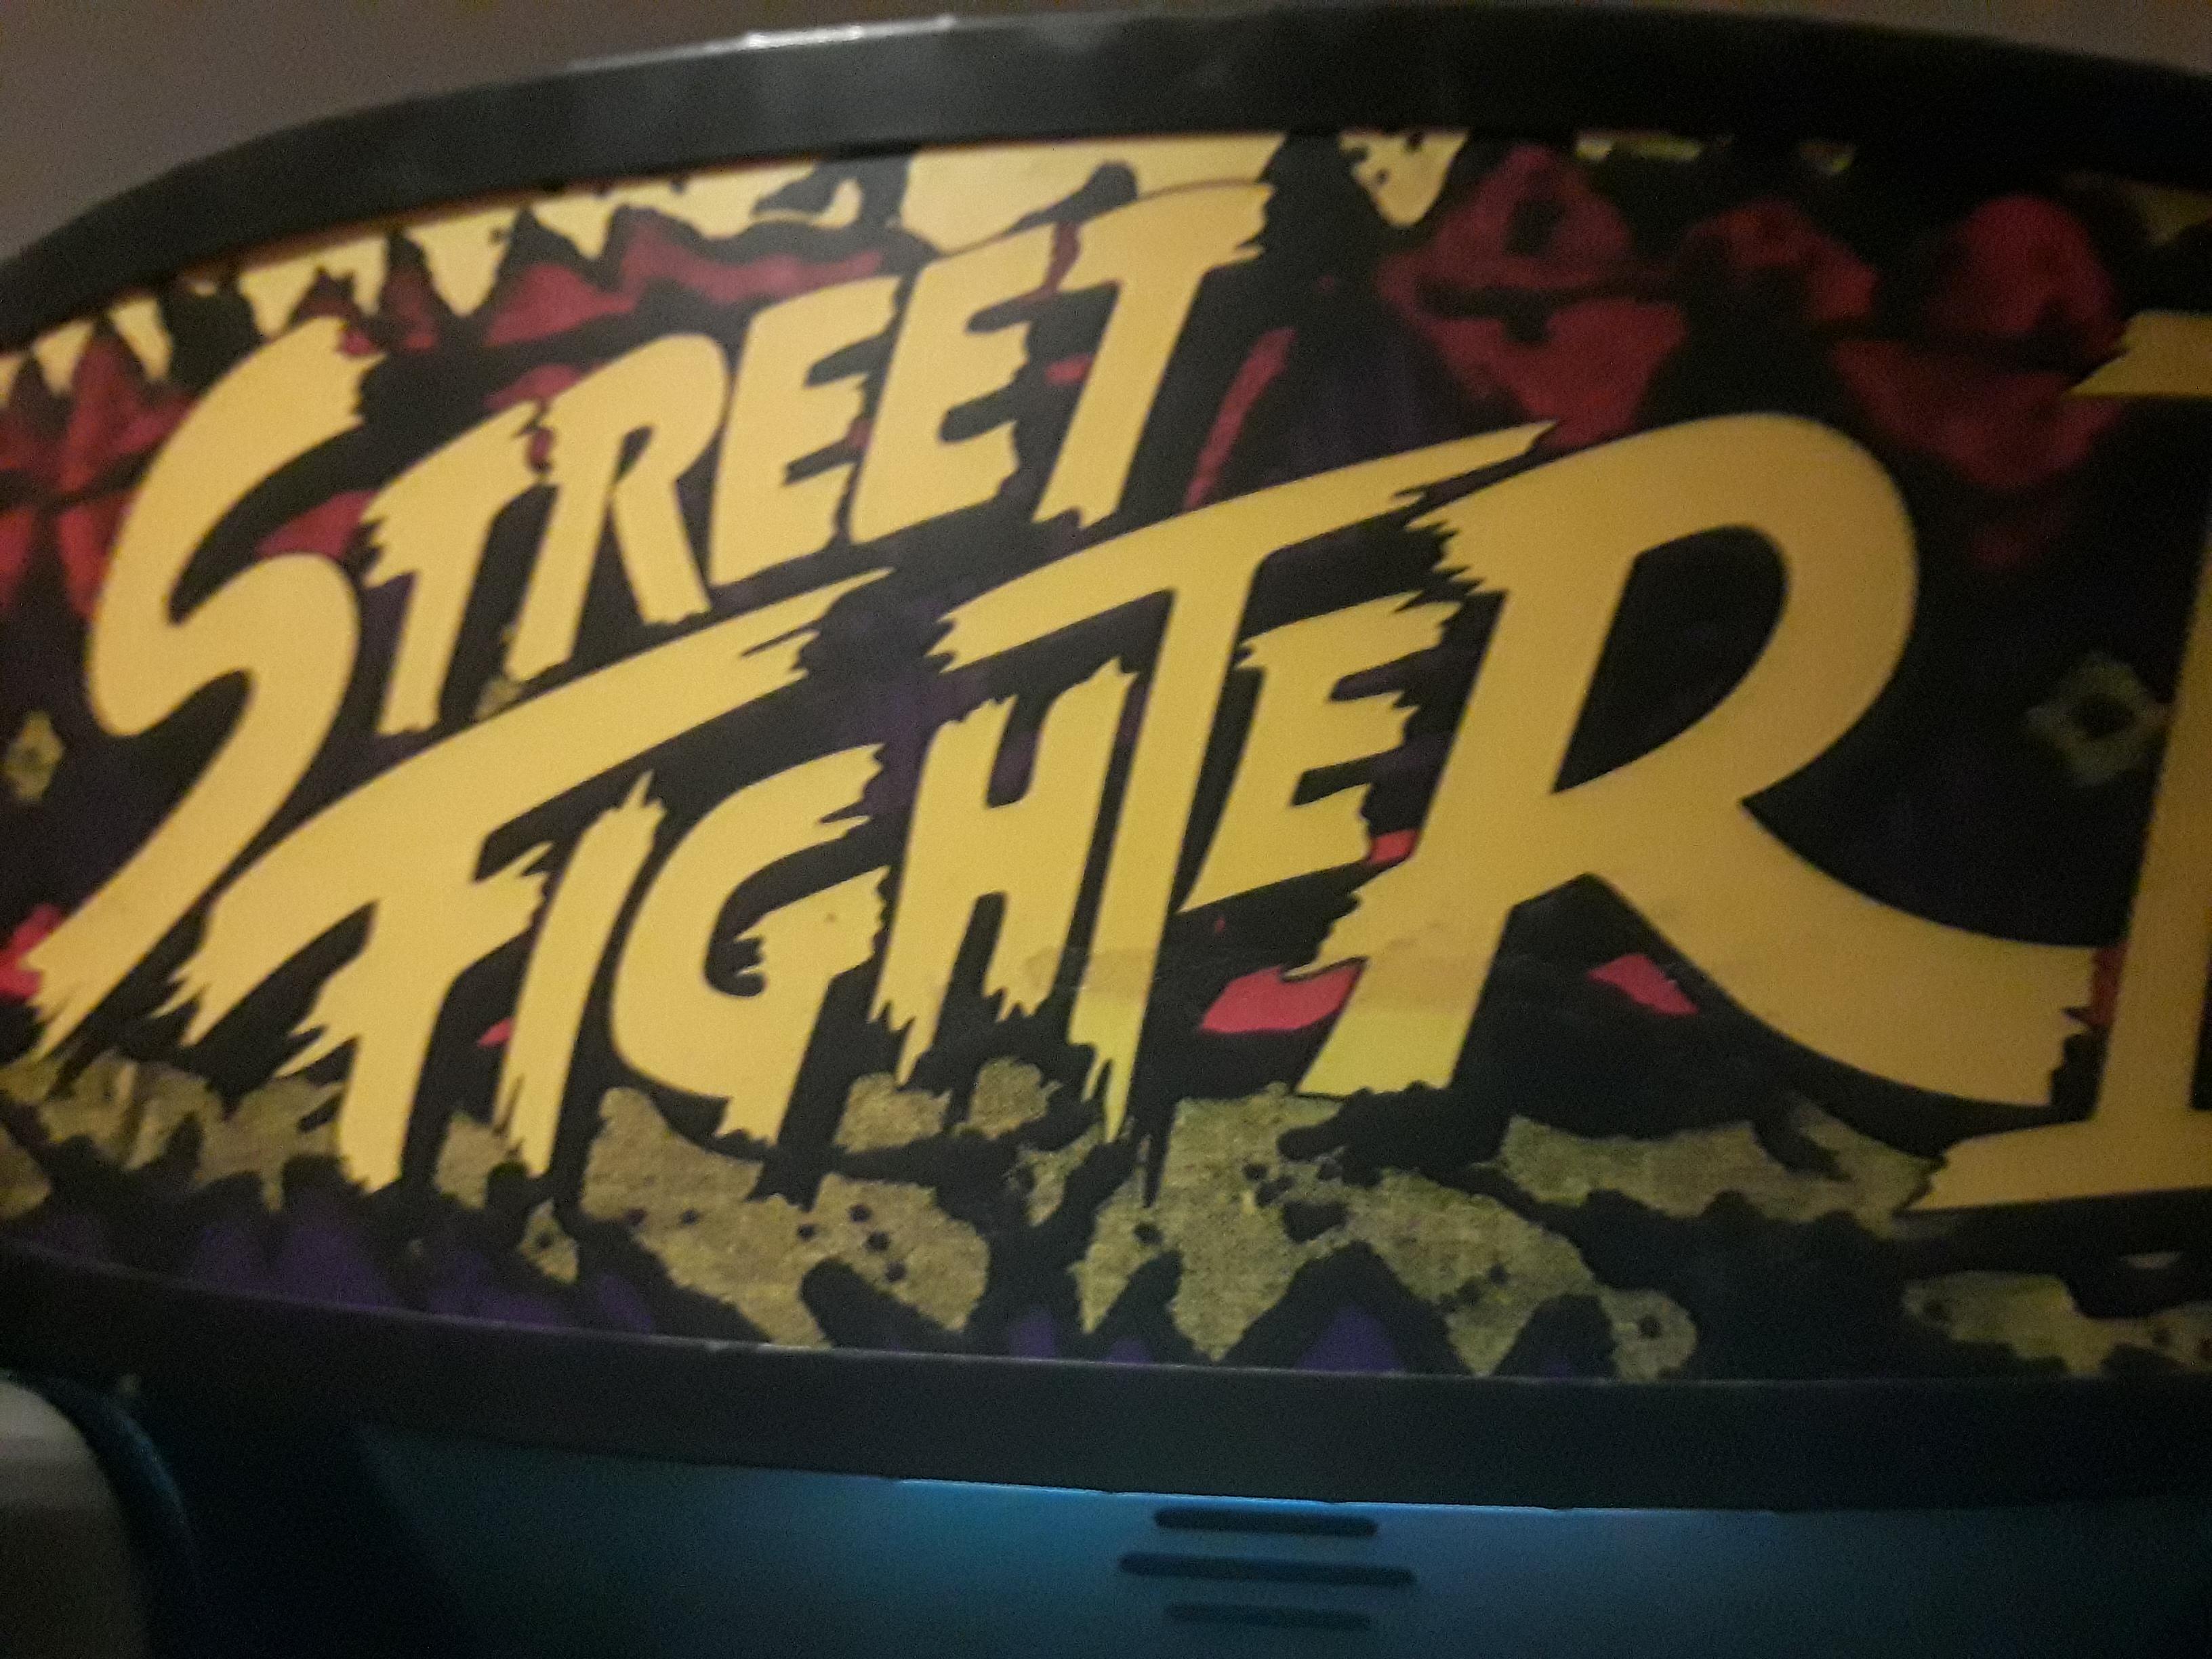 Street Fighter II 9,500 points